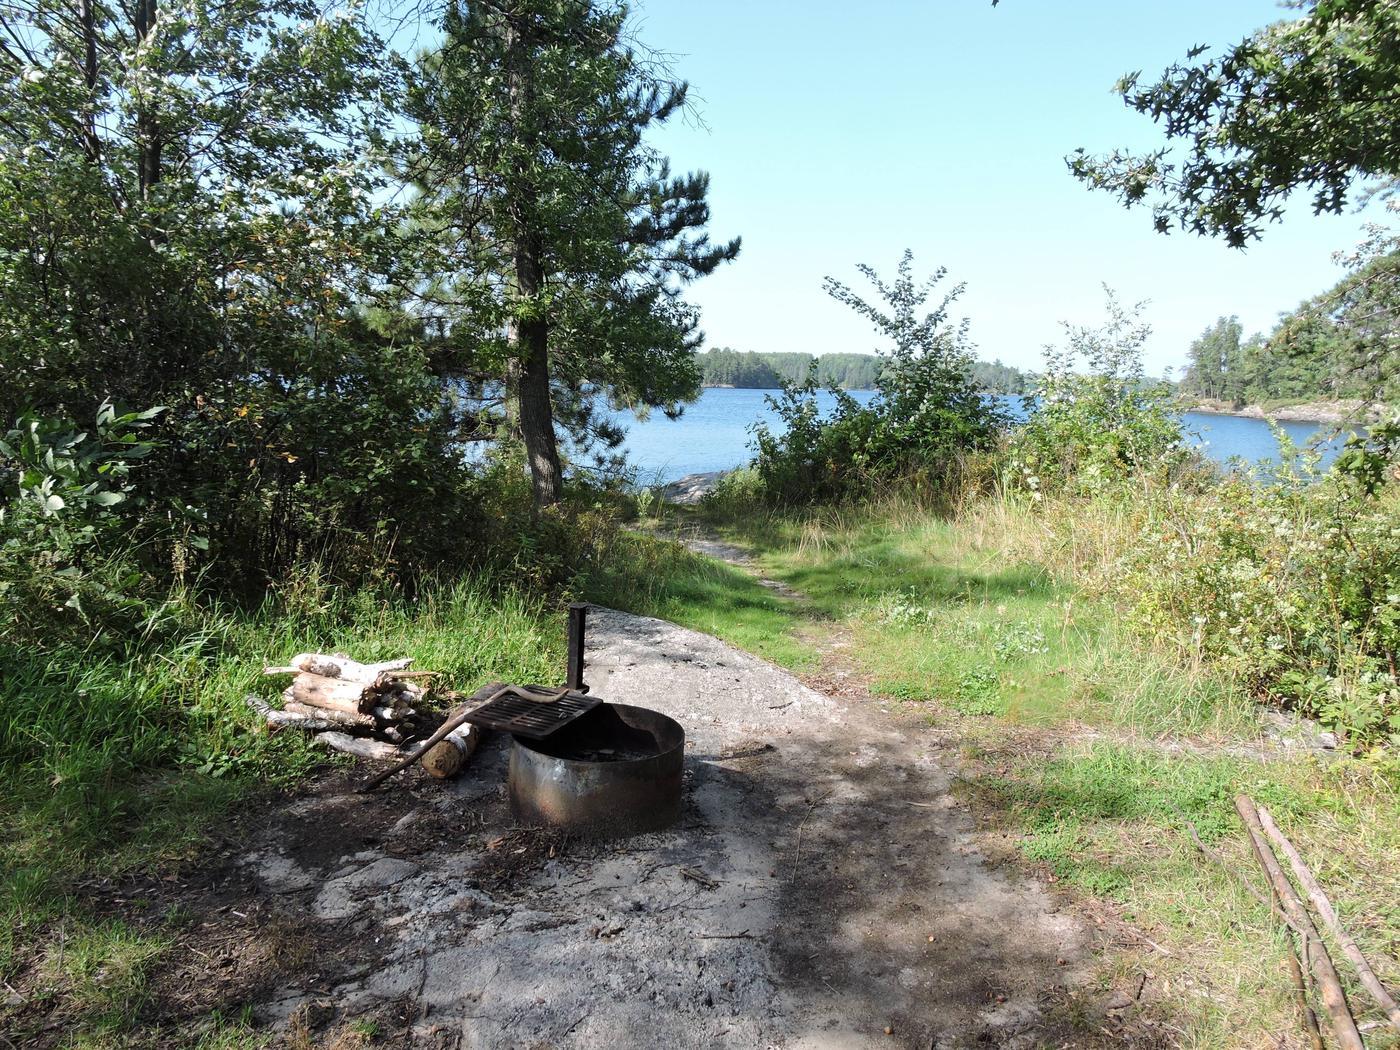 N37 - Sandbar Point N37 - Sandbar Point campsite on Namakan Lake